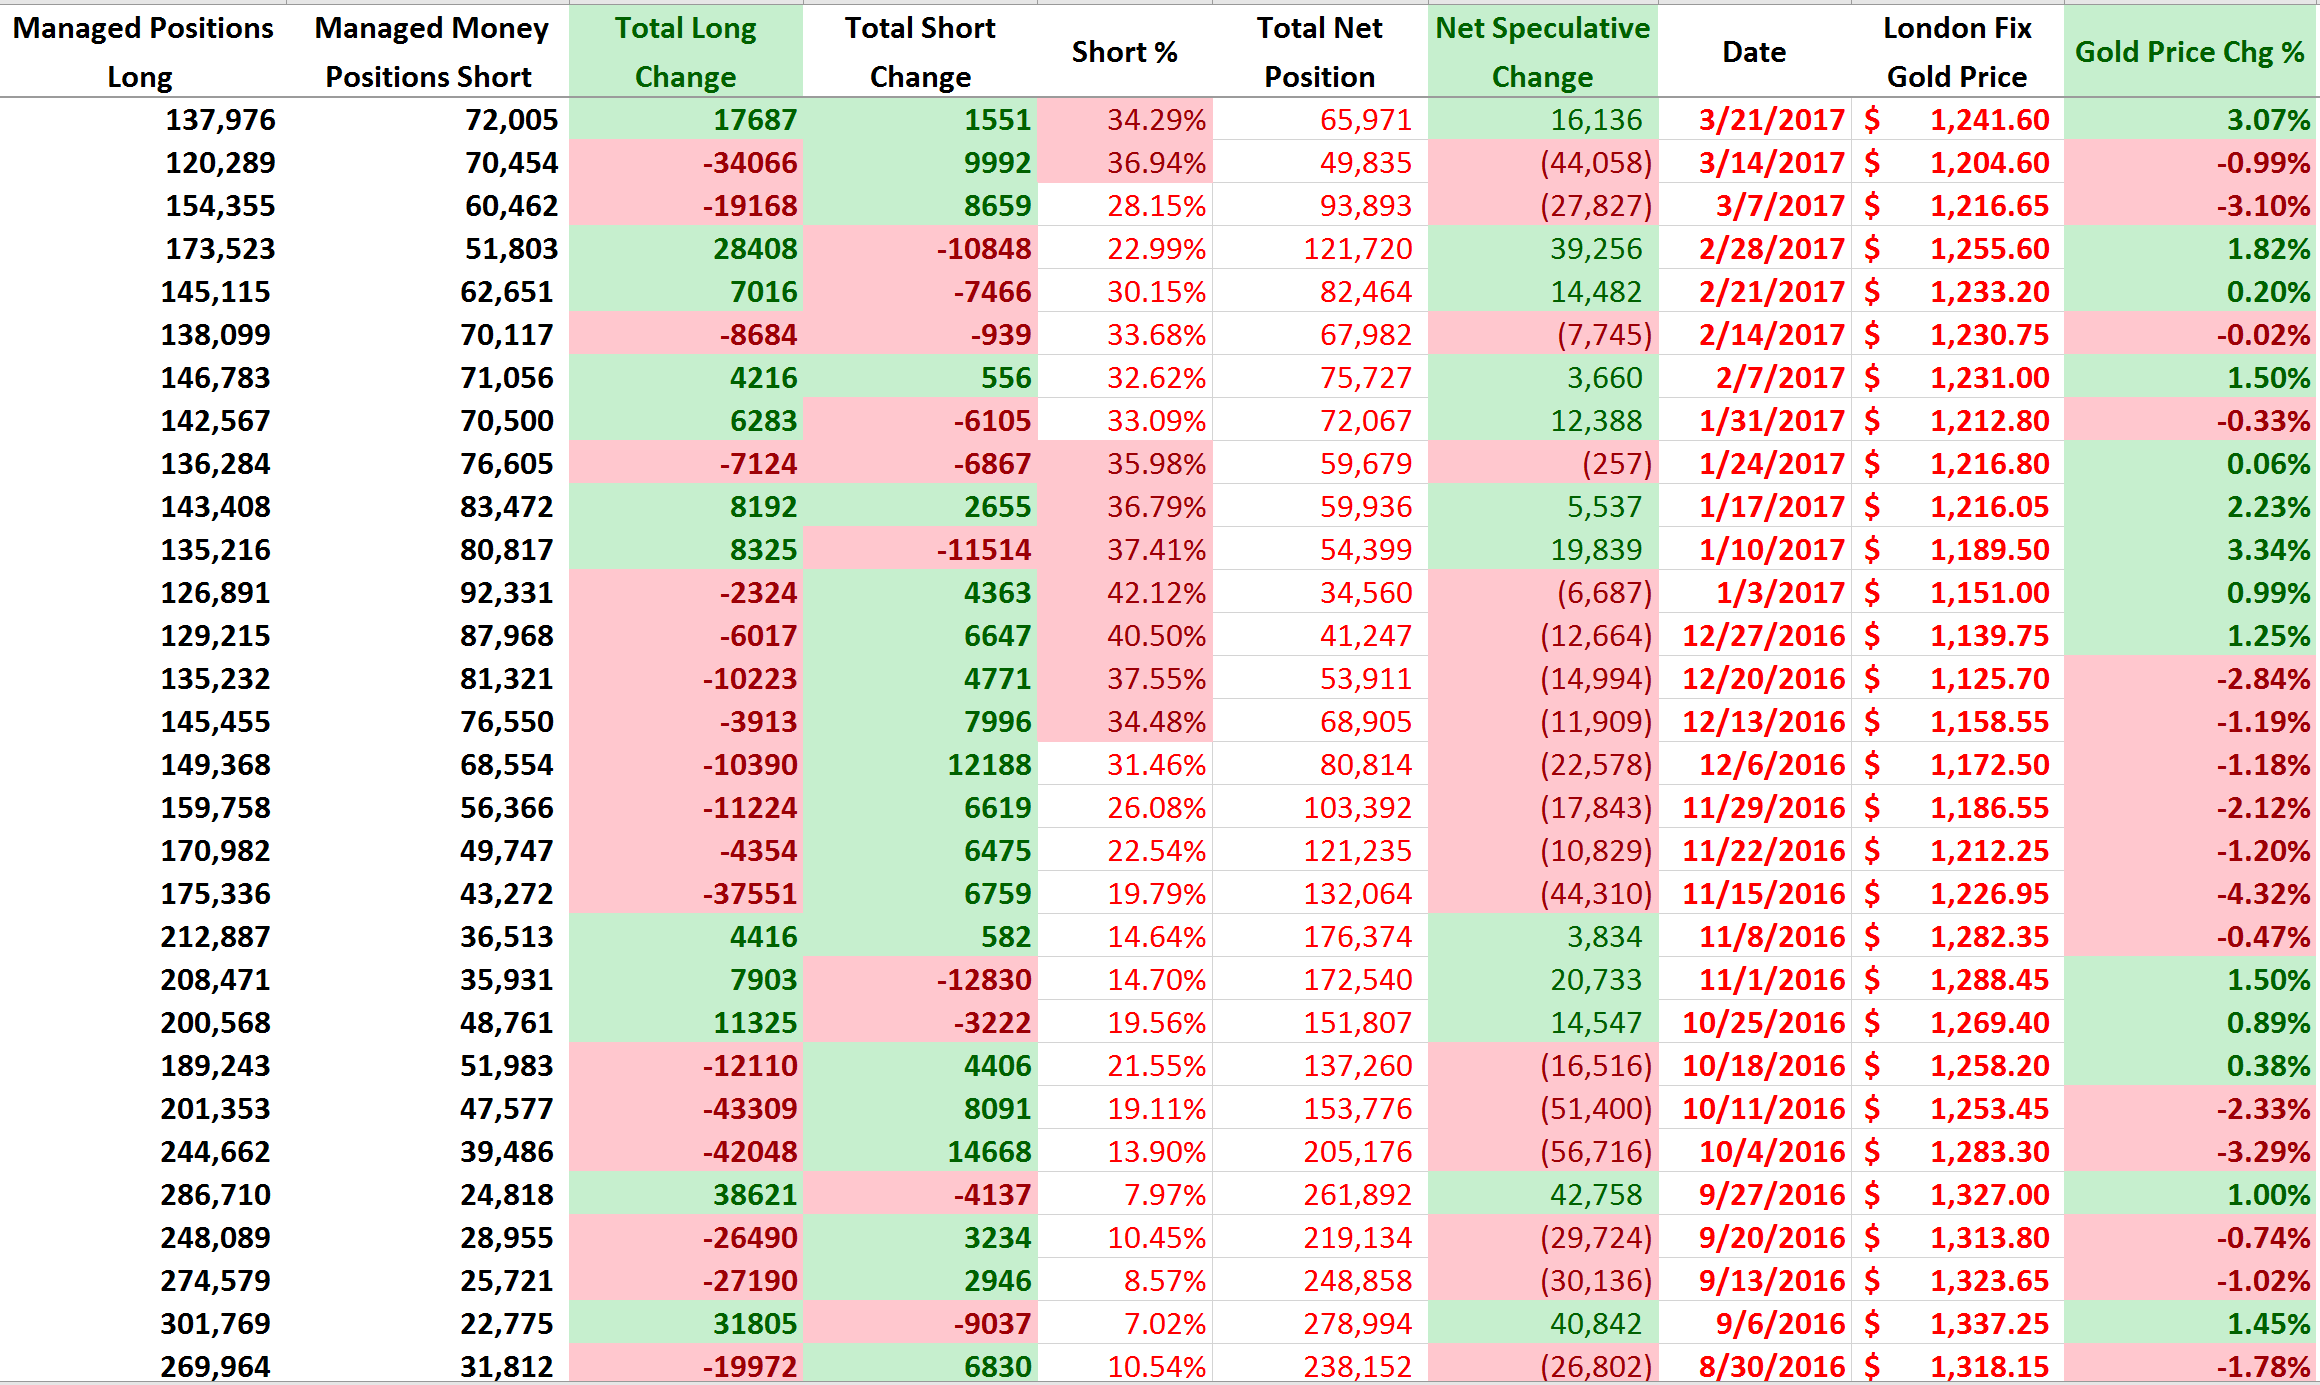 下圖中紅線代表了黃金淨多倉化趨勢,圖形顯示目前黃金淨多倉依然處於去年6月以來低位。